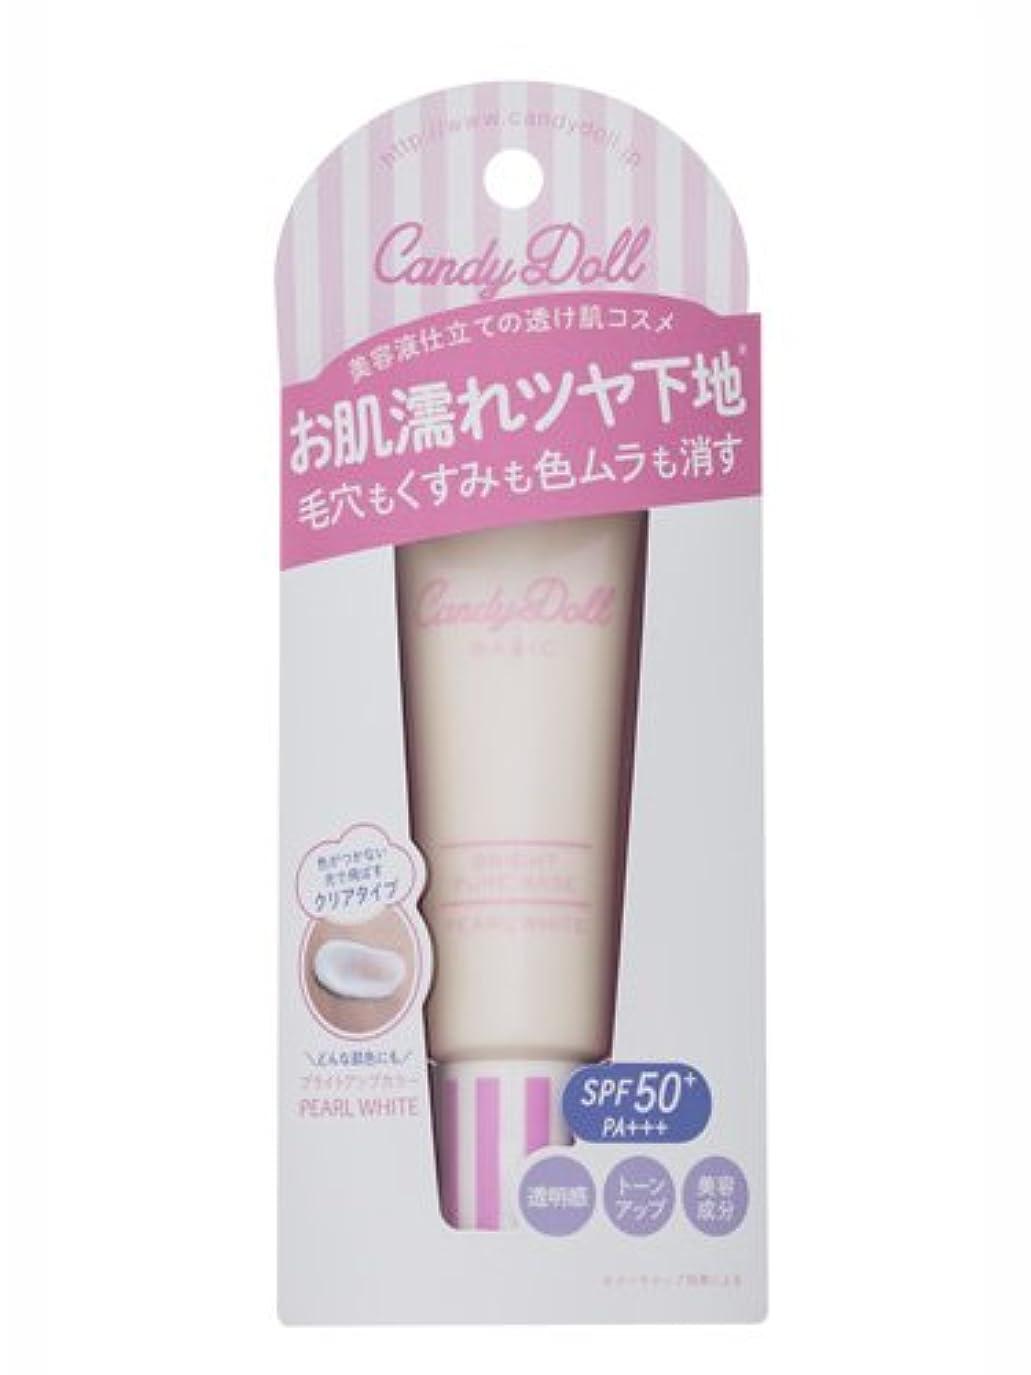 辞書メニュー廊下CandyDoll ブライトピュアベース<パールホワイト>